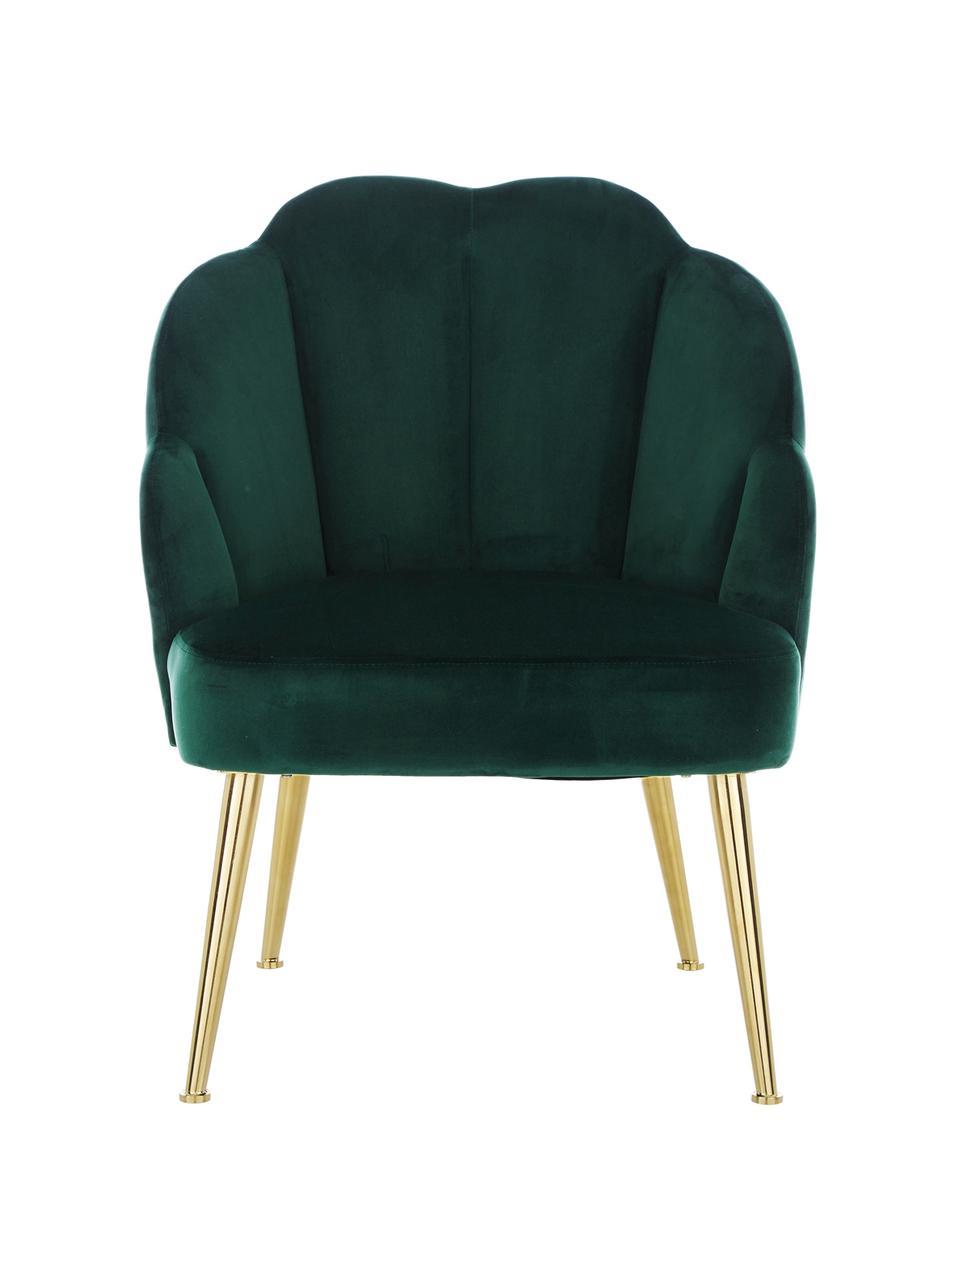 Poltrona in velluto verde scuro Helle, Rivestimento: velluto (poliestere) Il r, Piedini: metallo verniciato a polv, Velluto verde scuro, Larg. 65 x Prof. 65 cm